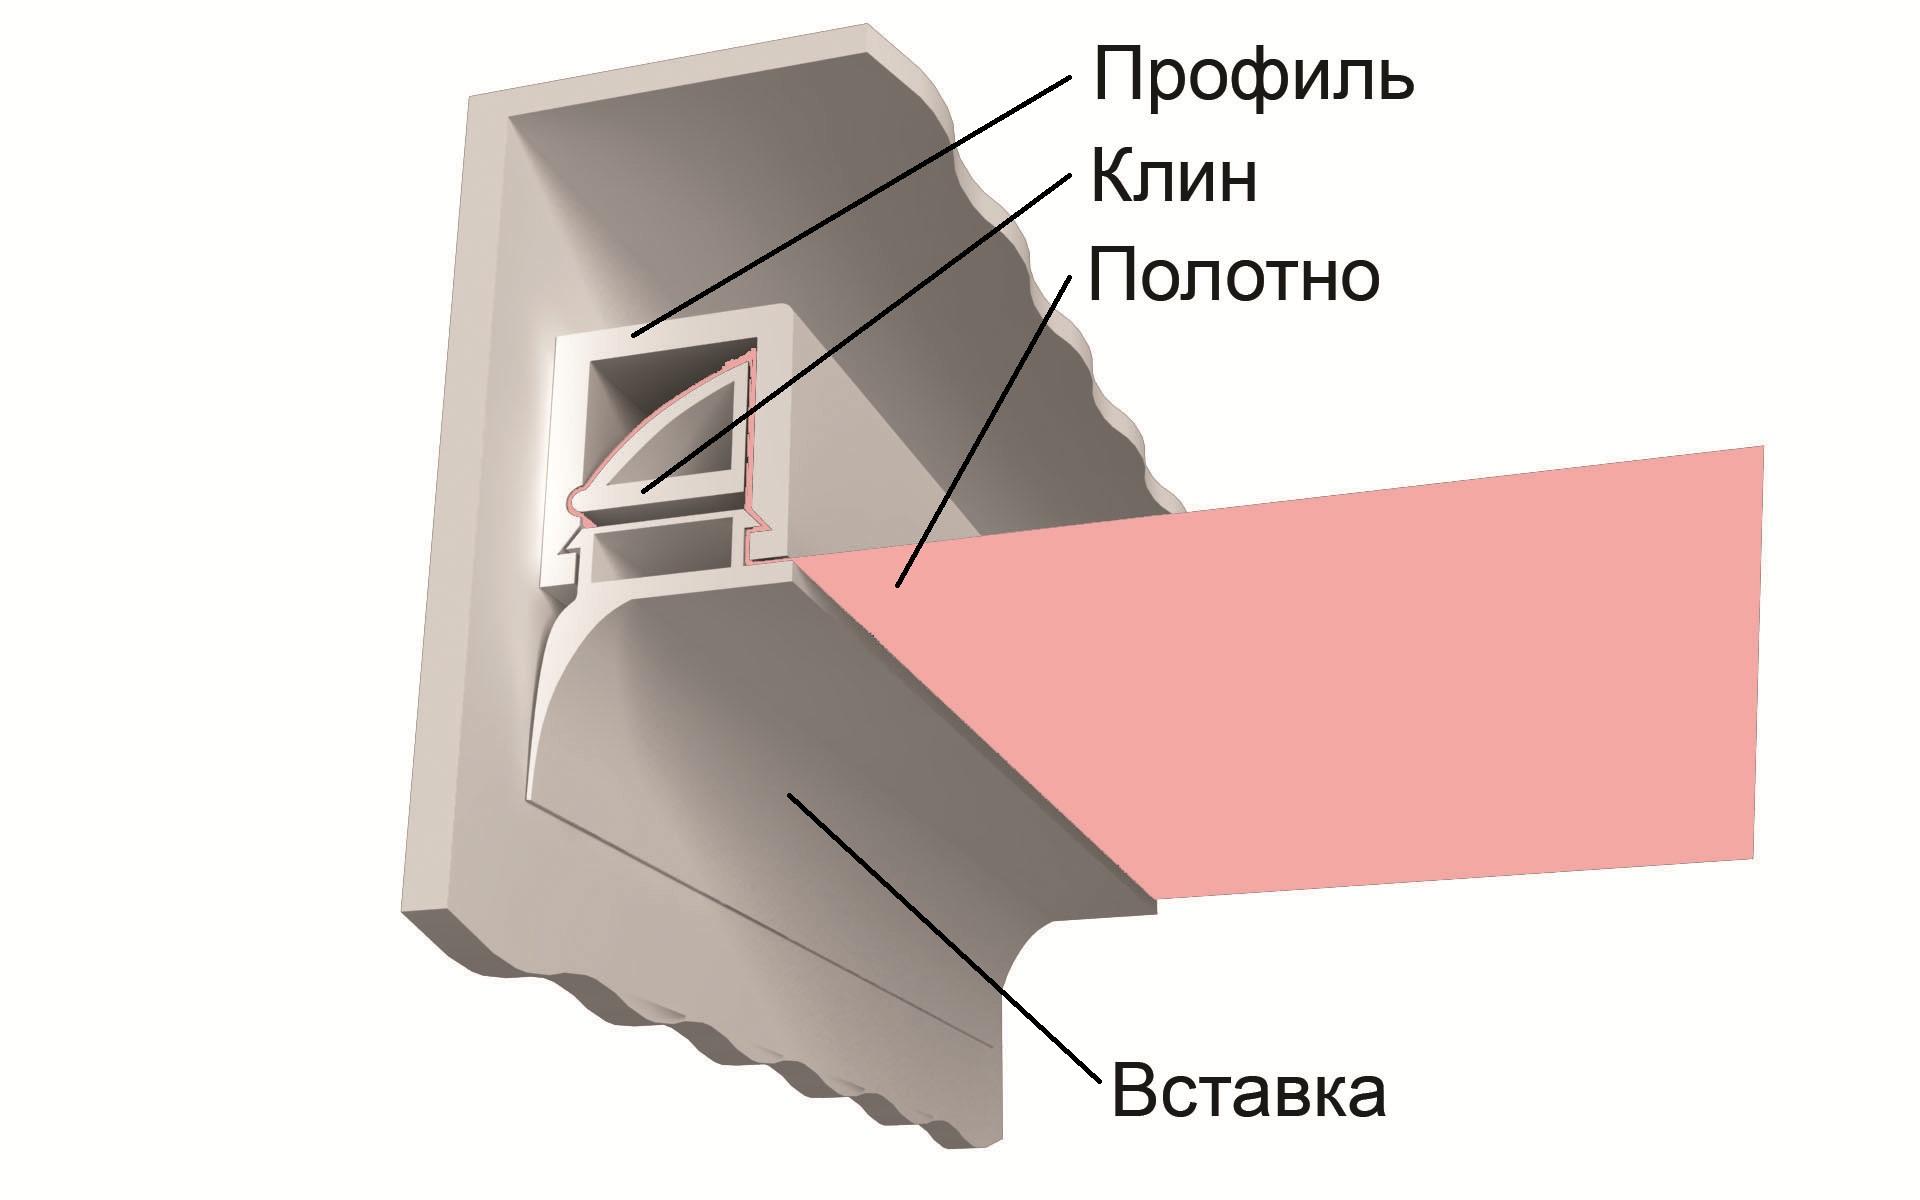 Штапиковый или клиновый (П-образный профиль) для крепления натяжного потолка